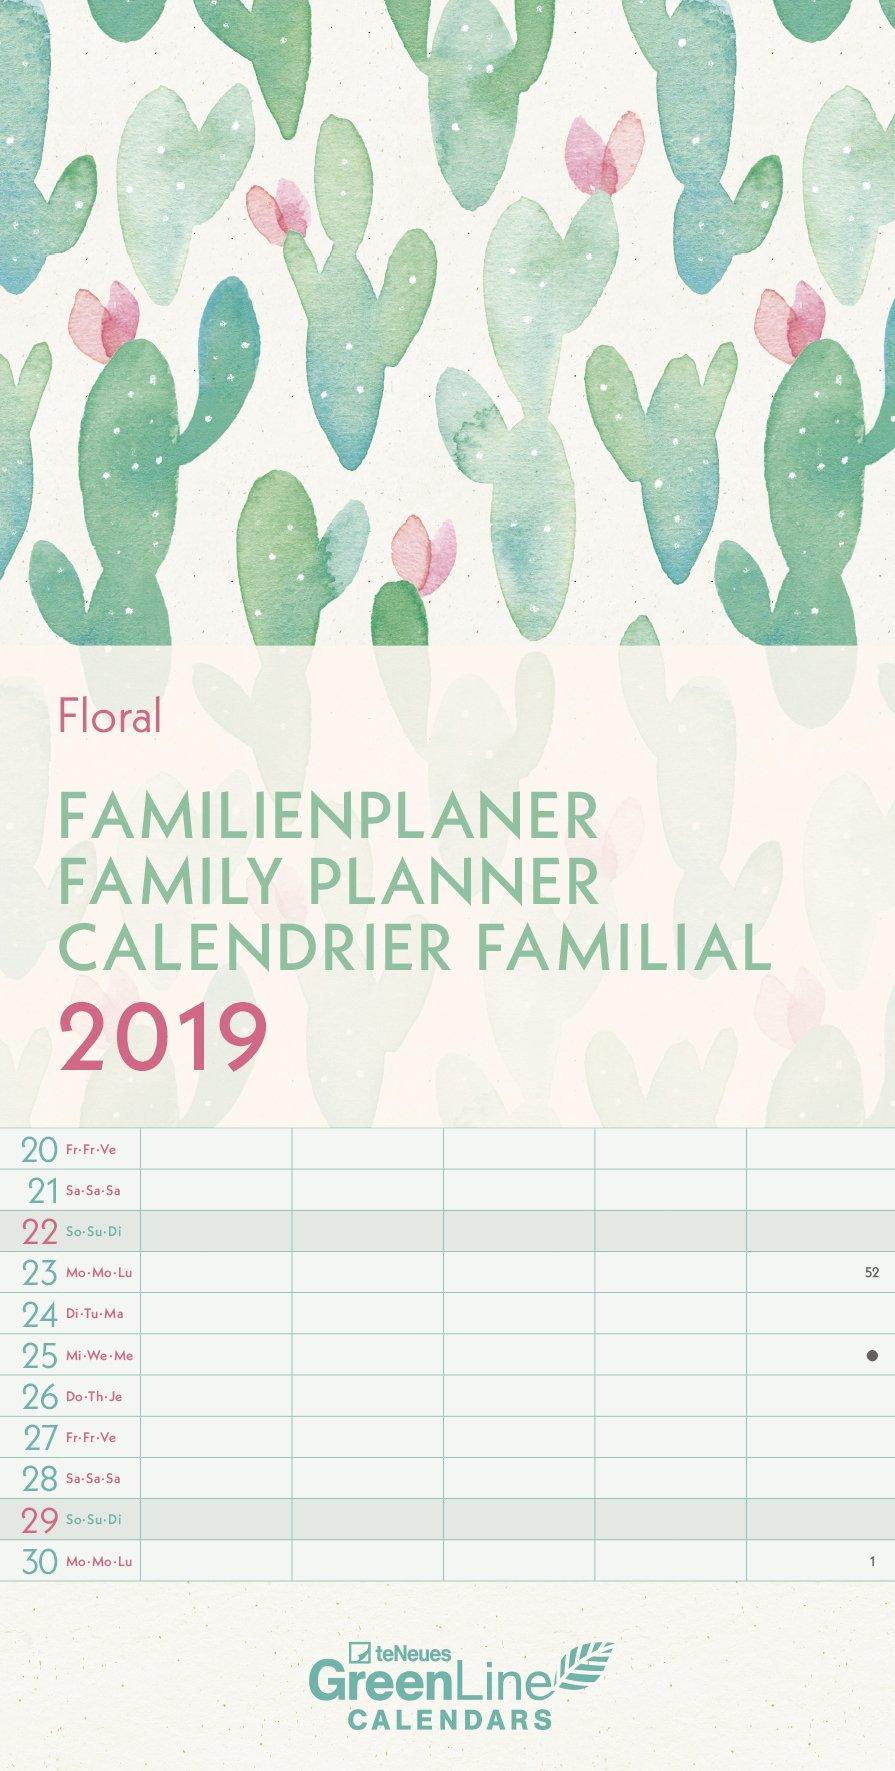 Floral 2019 - GreenLine Familienterminkalender mit 5 Spalten  -  23 x 45,5 cm